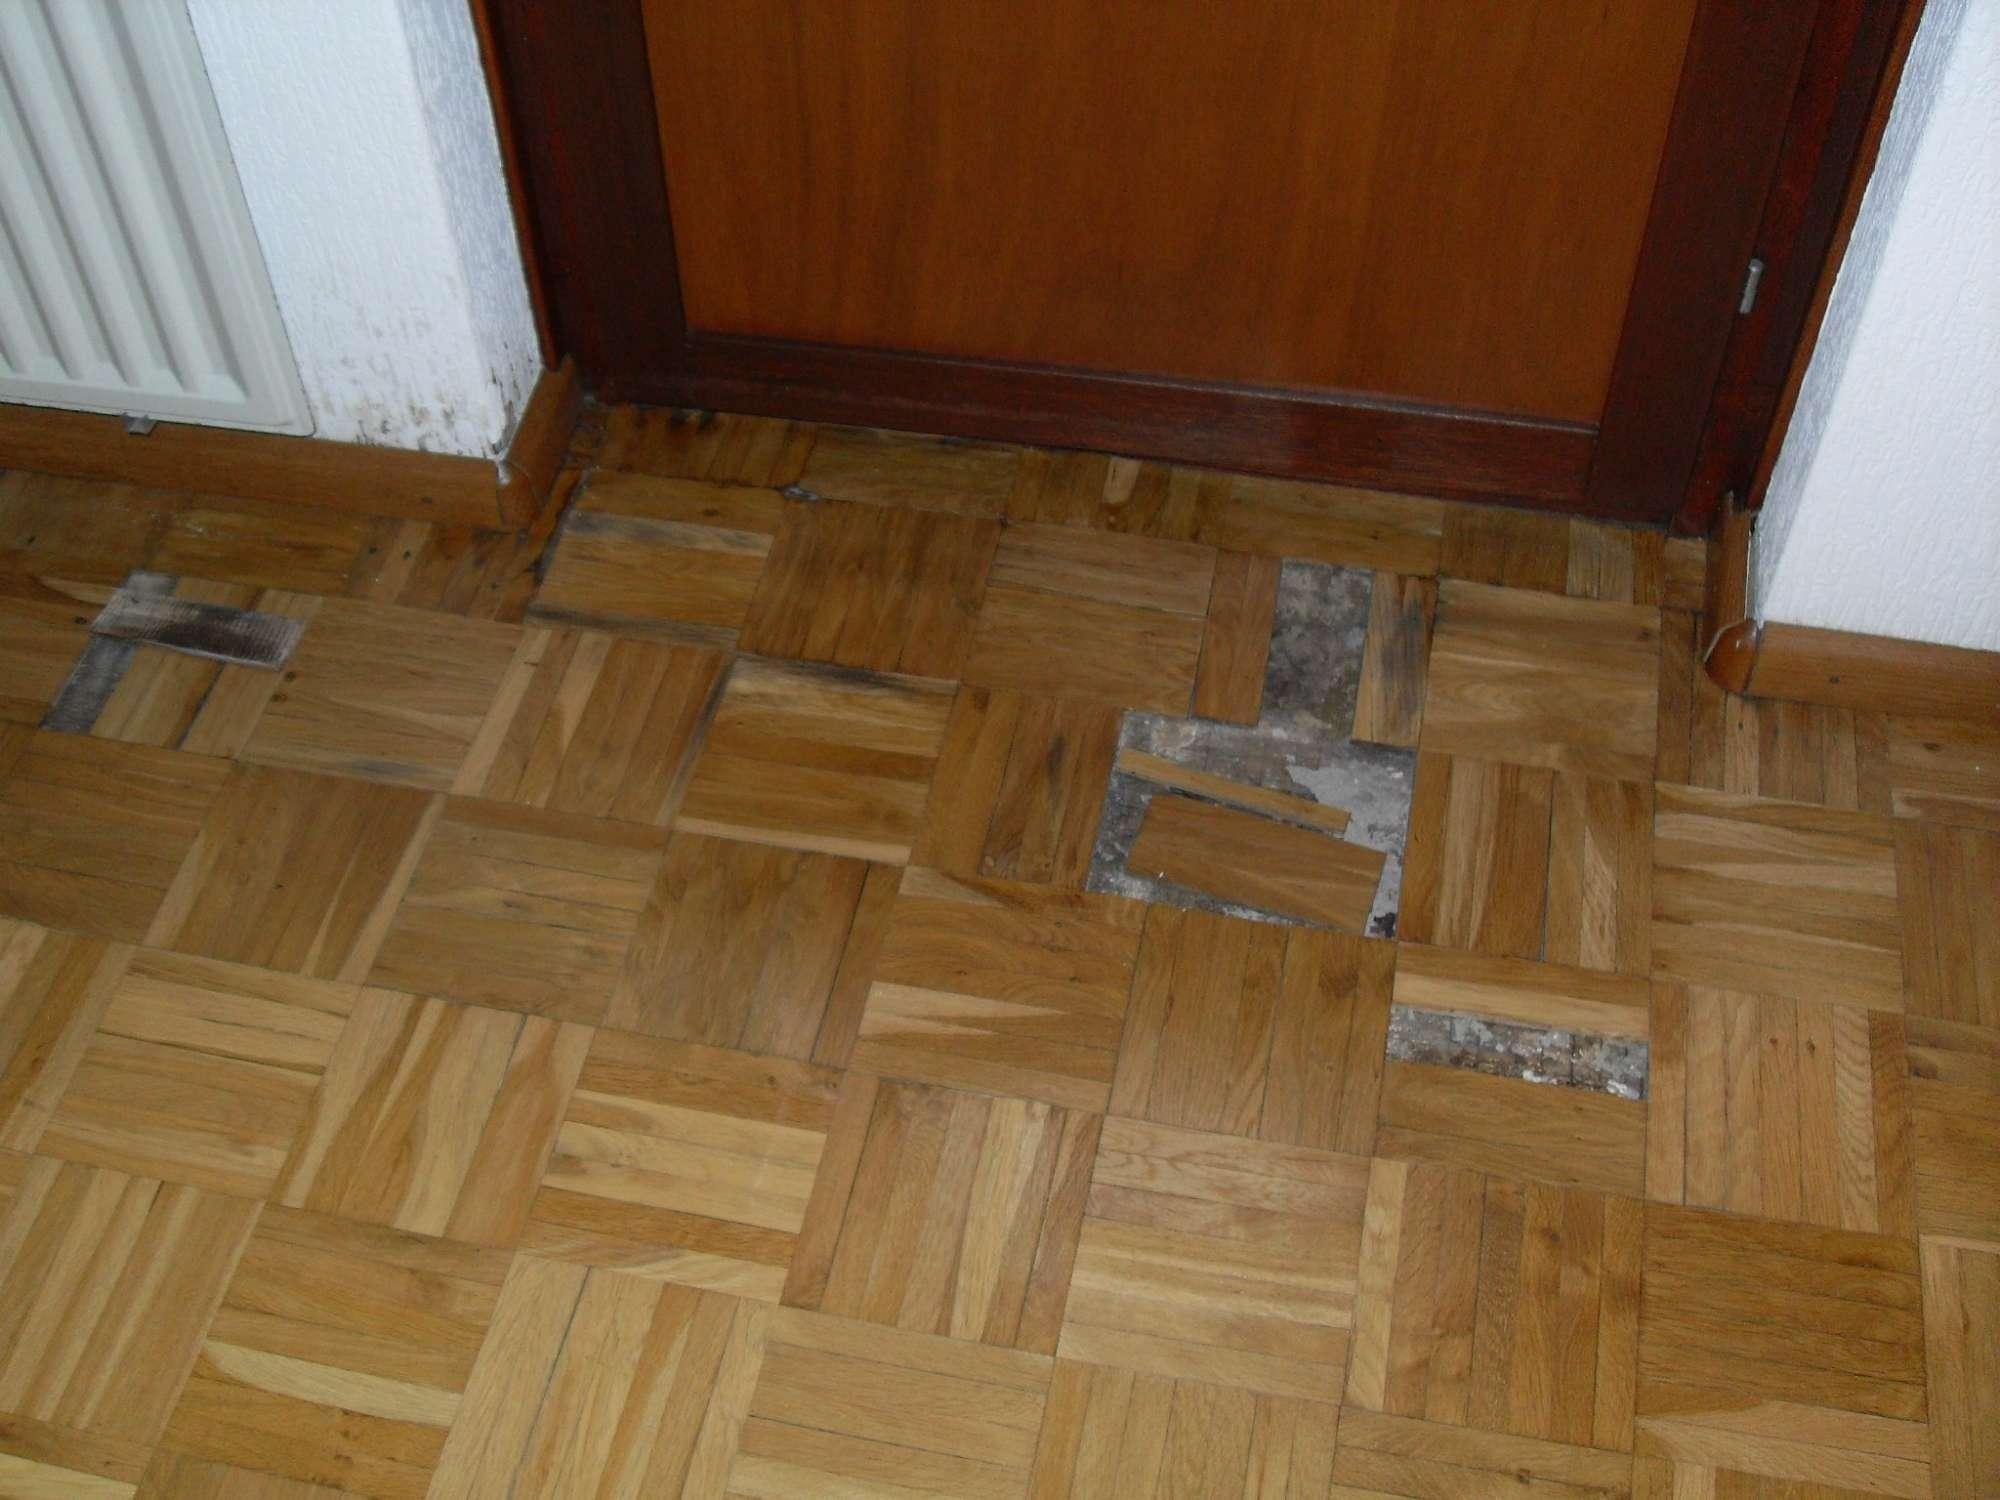 repareren-van-een-vloer-afgewerkt-met-een-naturelle-olie4-4